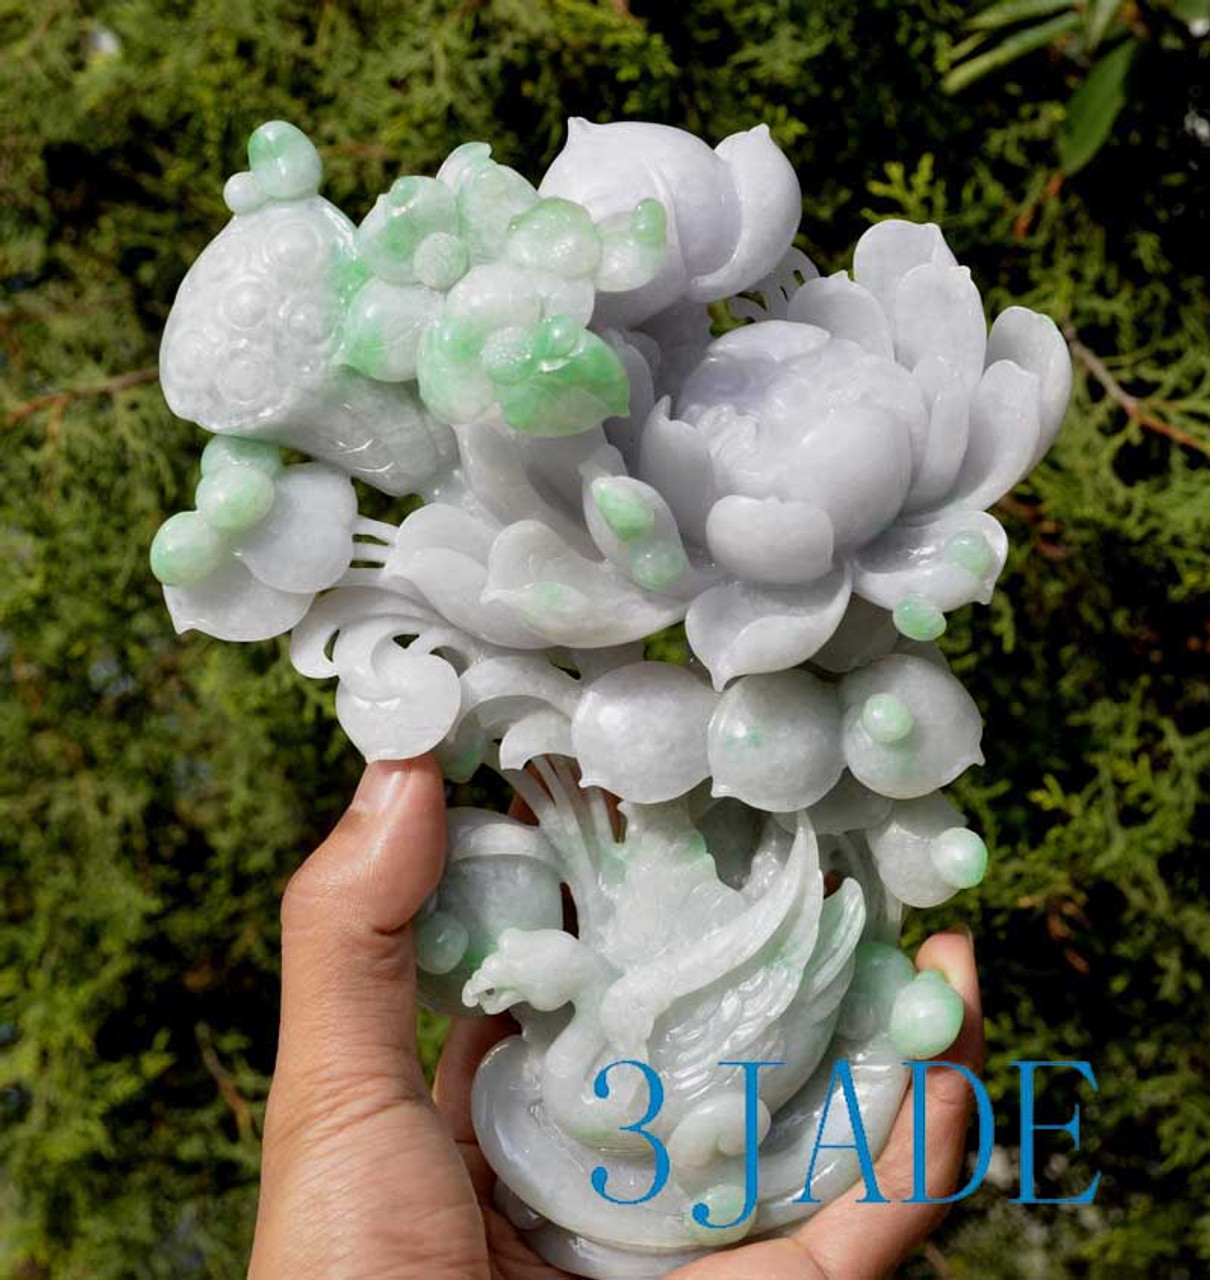 Pair of A Grade Green Lavender Jadeite Jade Lotus Flower & Swan Statues w/ certificates